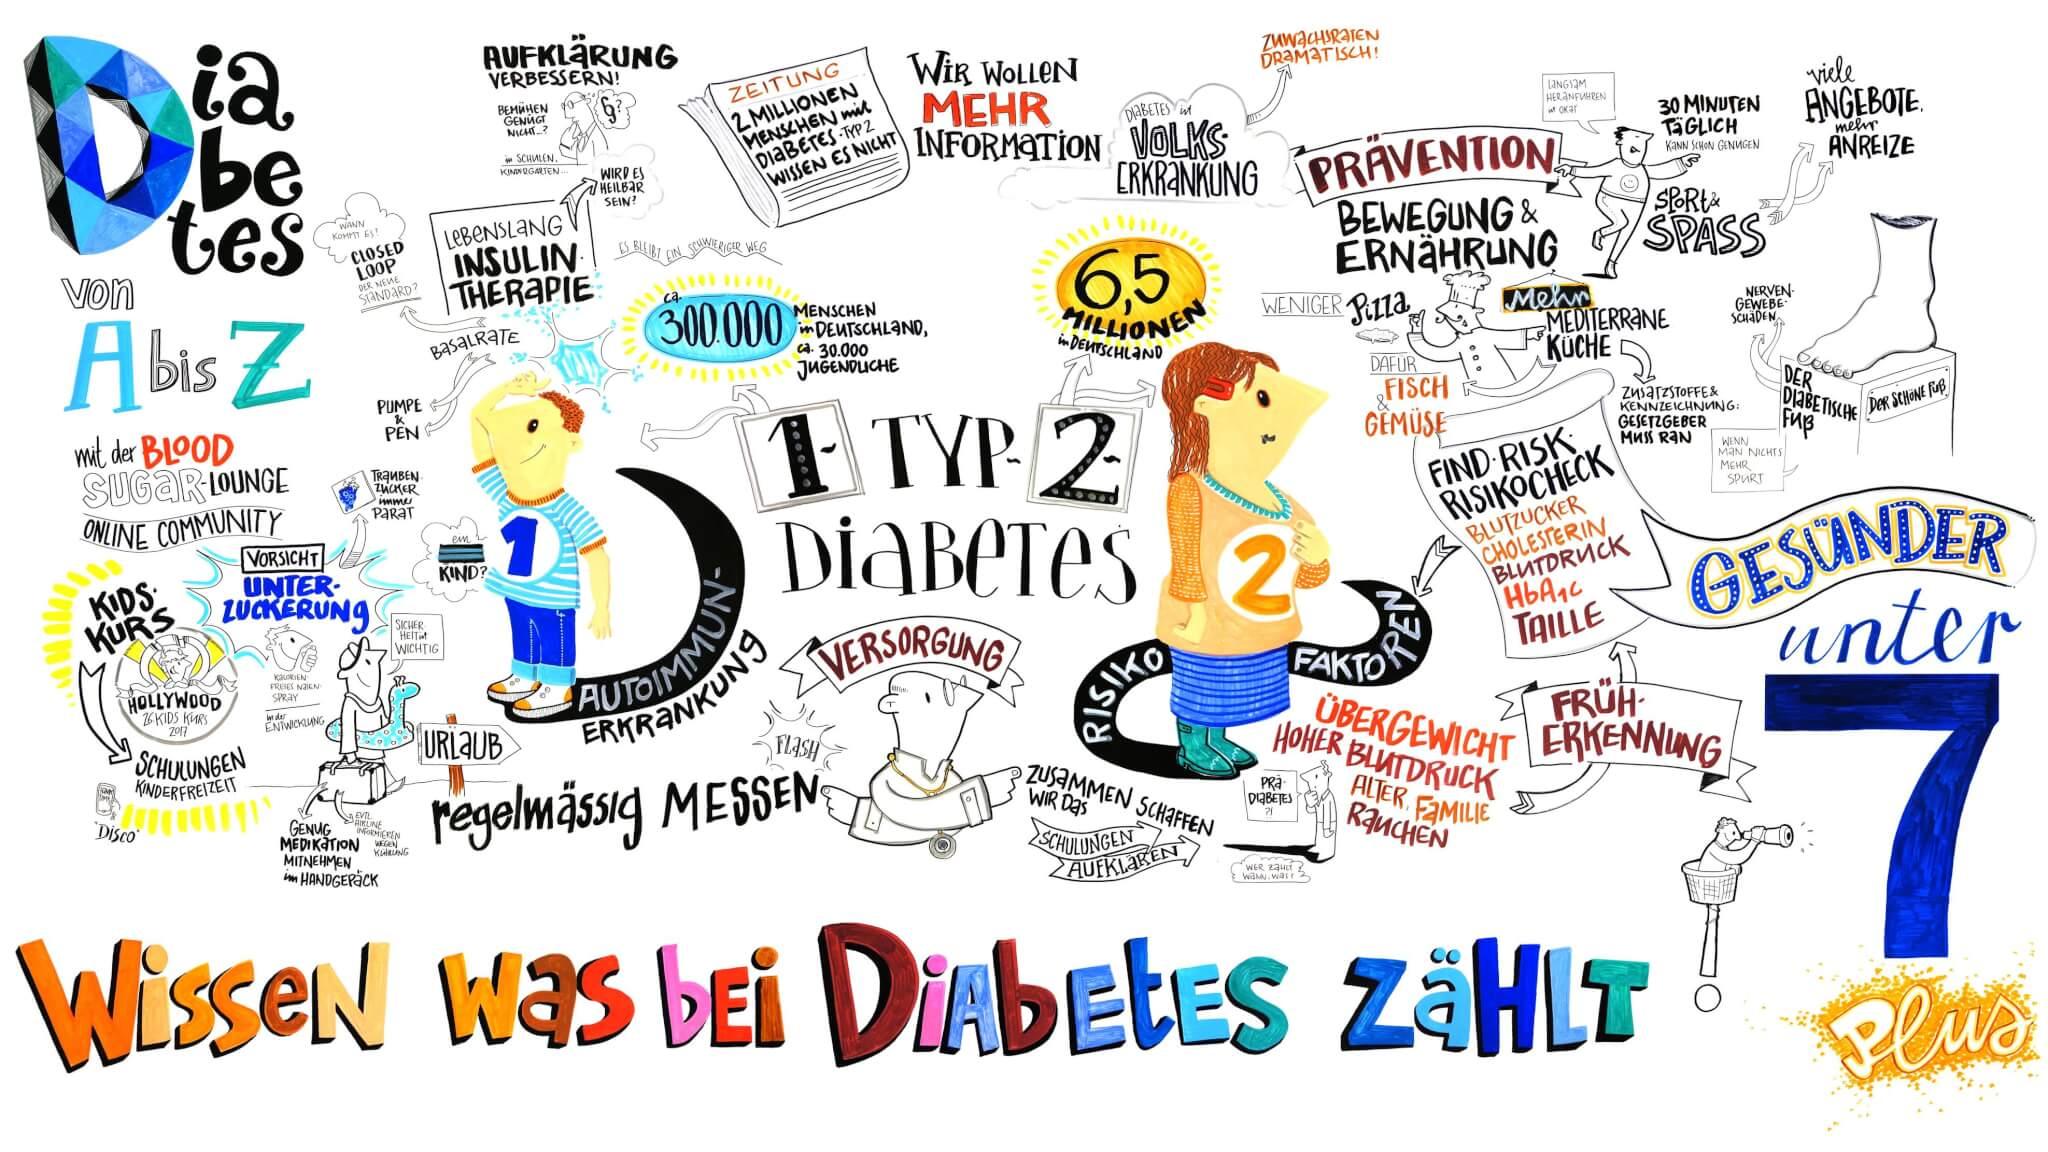 Wissen was bei Diabetes zählt - Gesünder unter 7 - Zeichnung